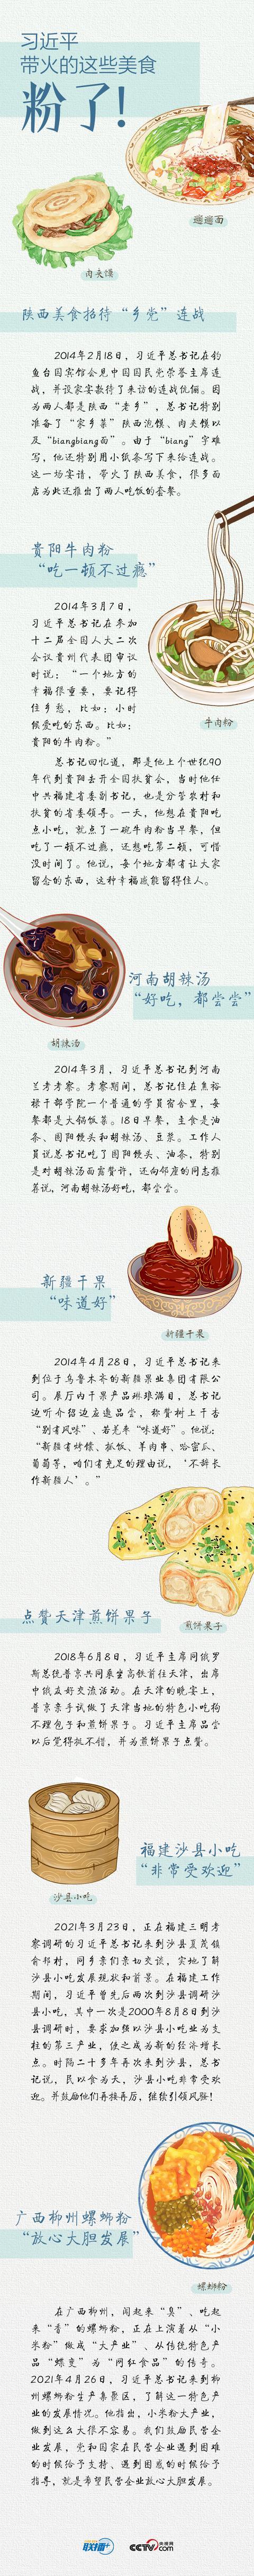 习近平总书记带火全国各地特色美食小吃